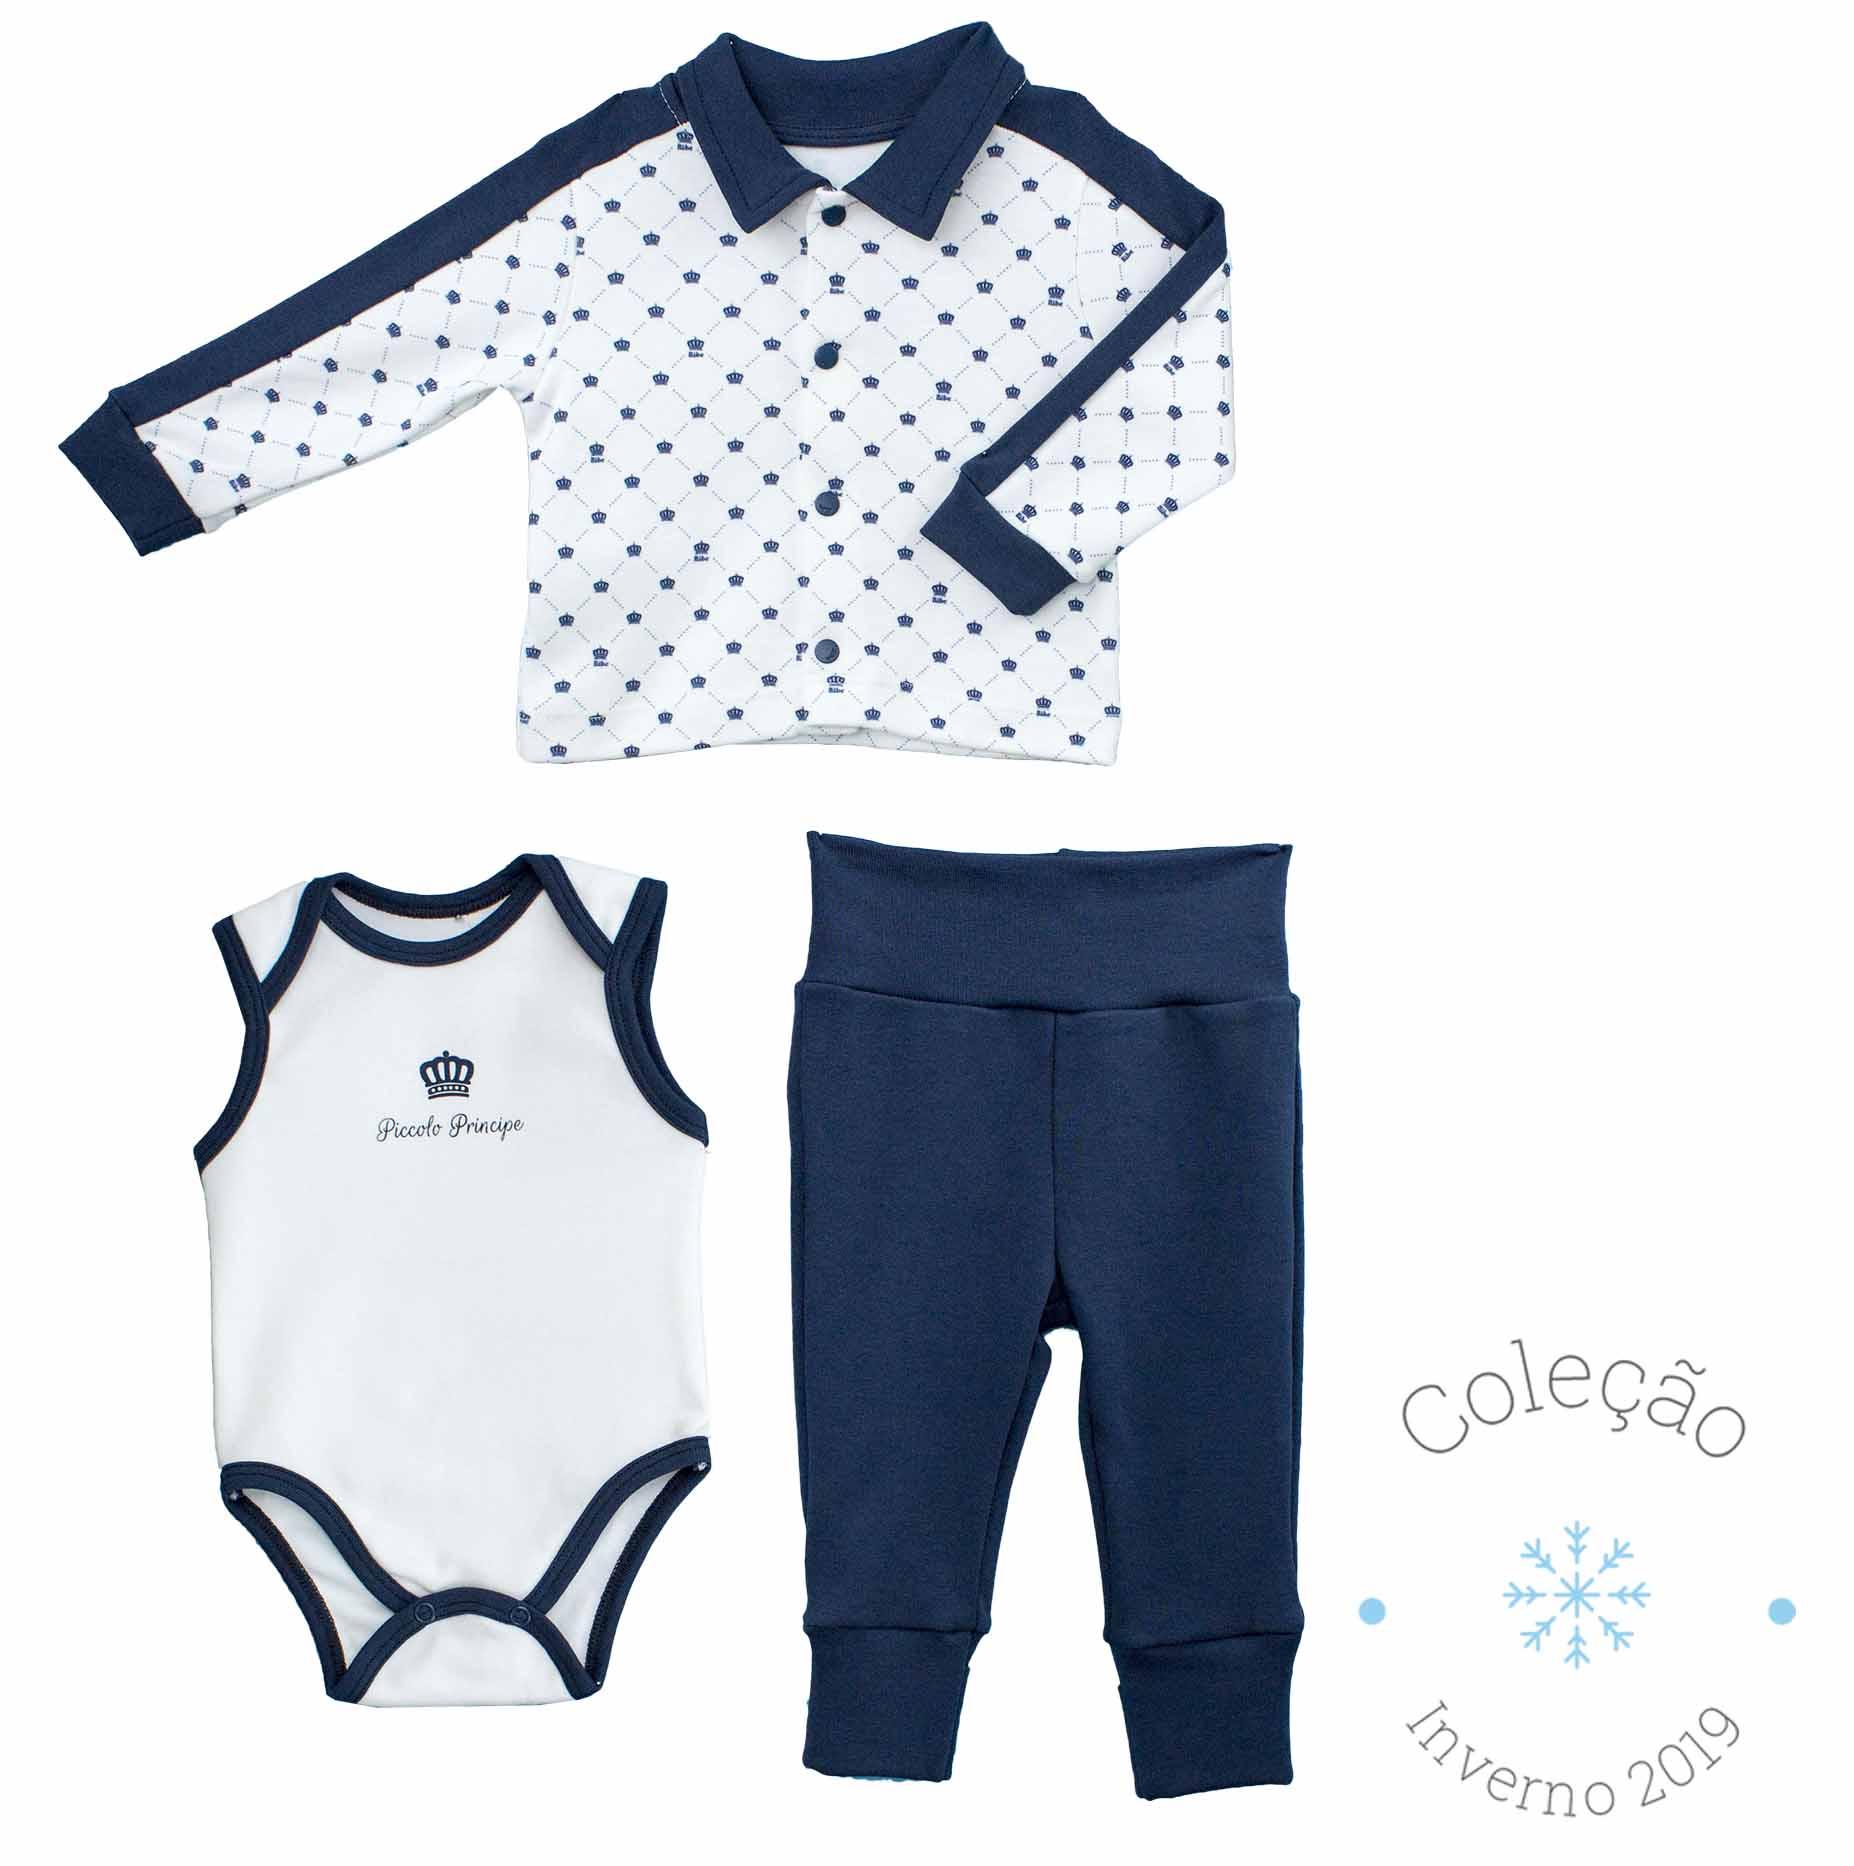 Conjunto Masculino 3 peças Casaco + Body + Calça Estampa Digital Pequeno Príncipe Algodão Egípcio